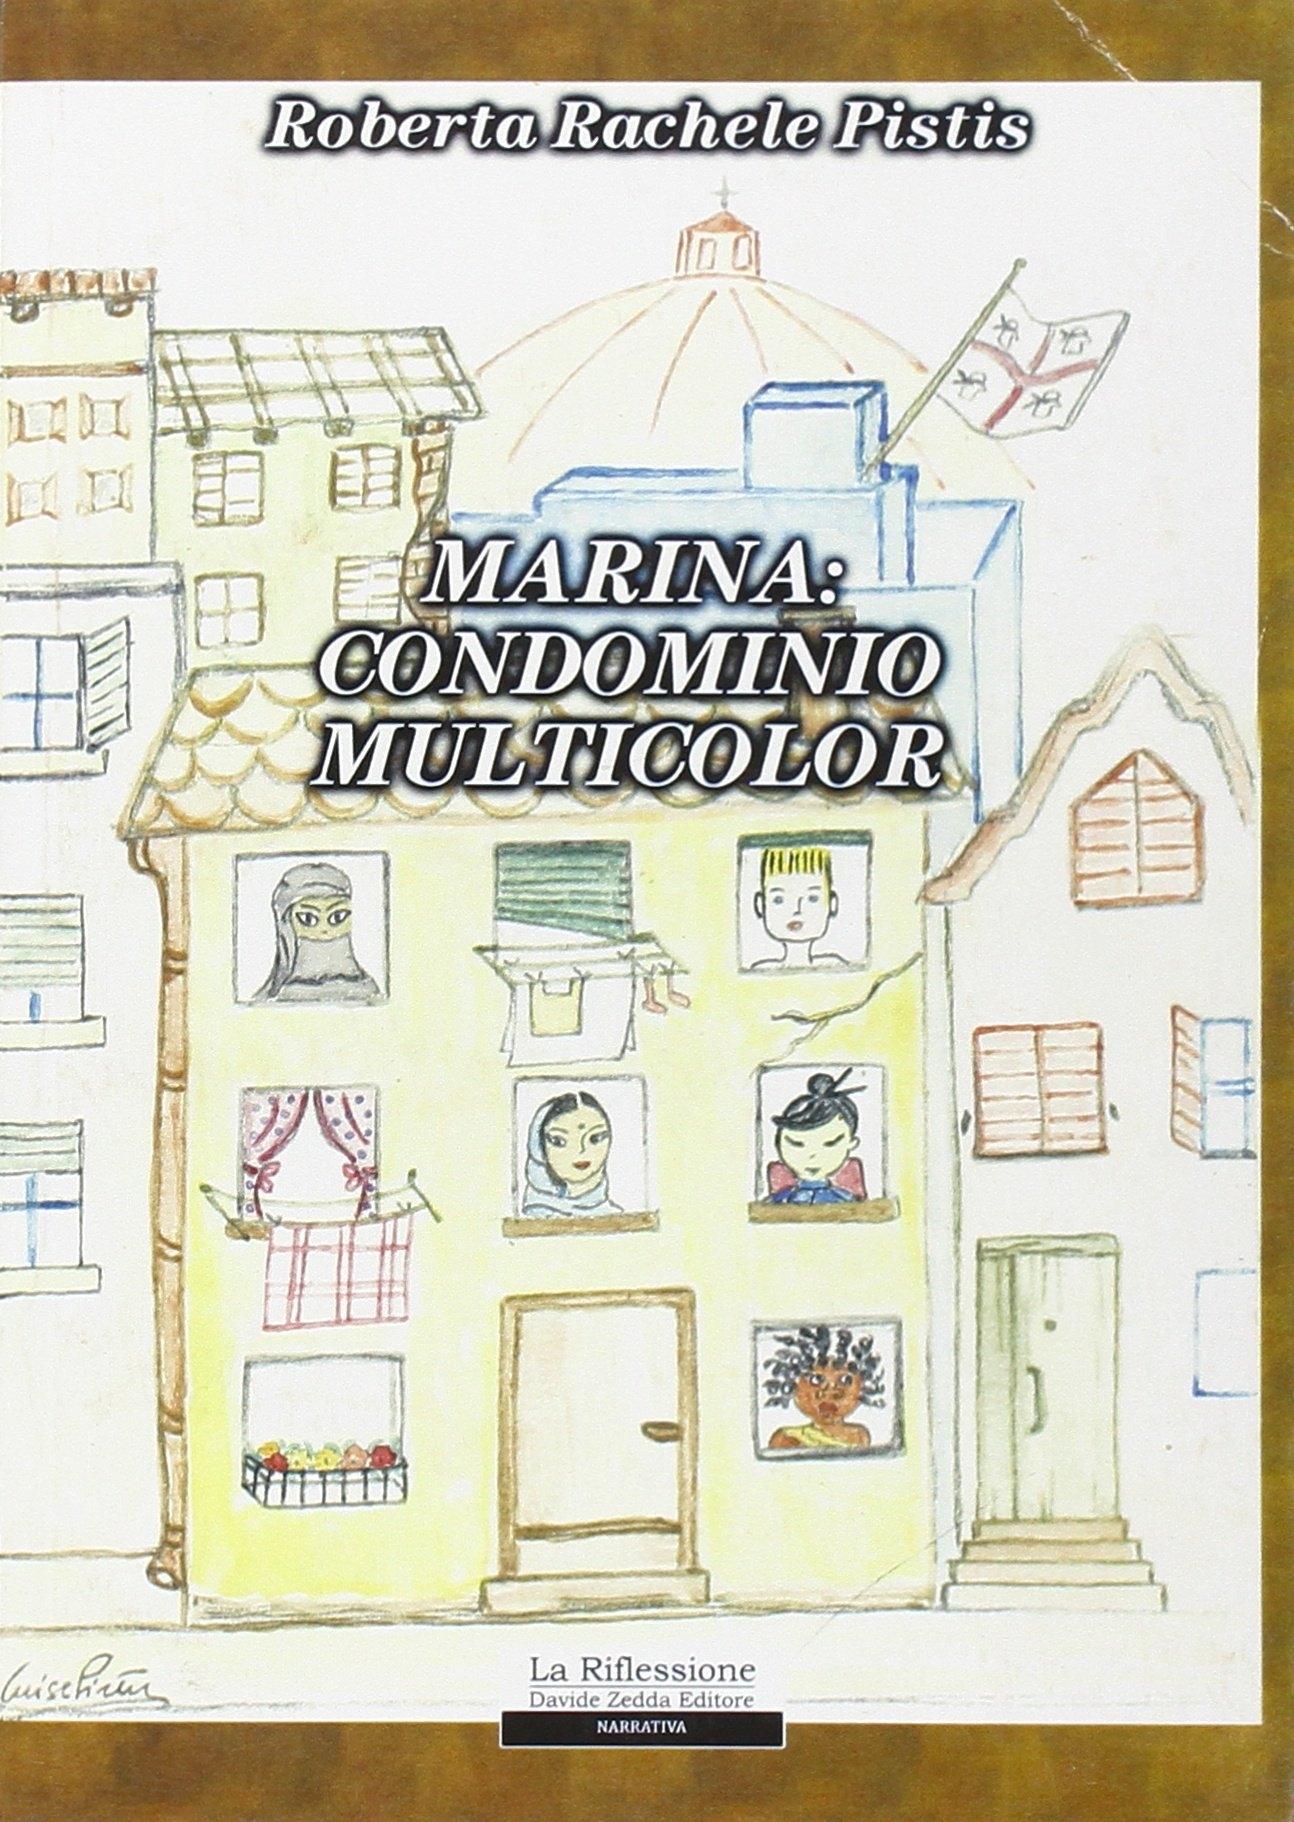 Marina: condominio multicolr.